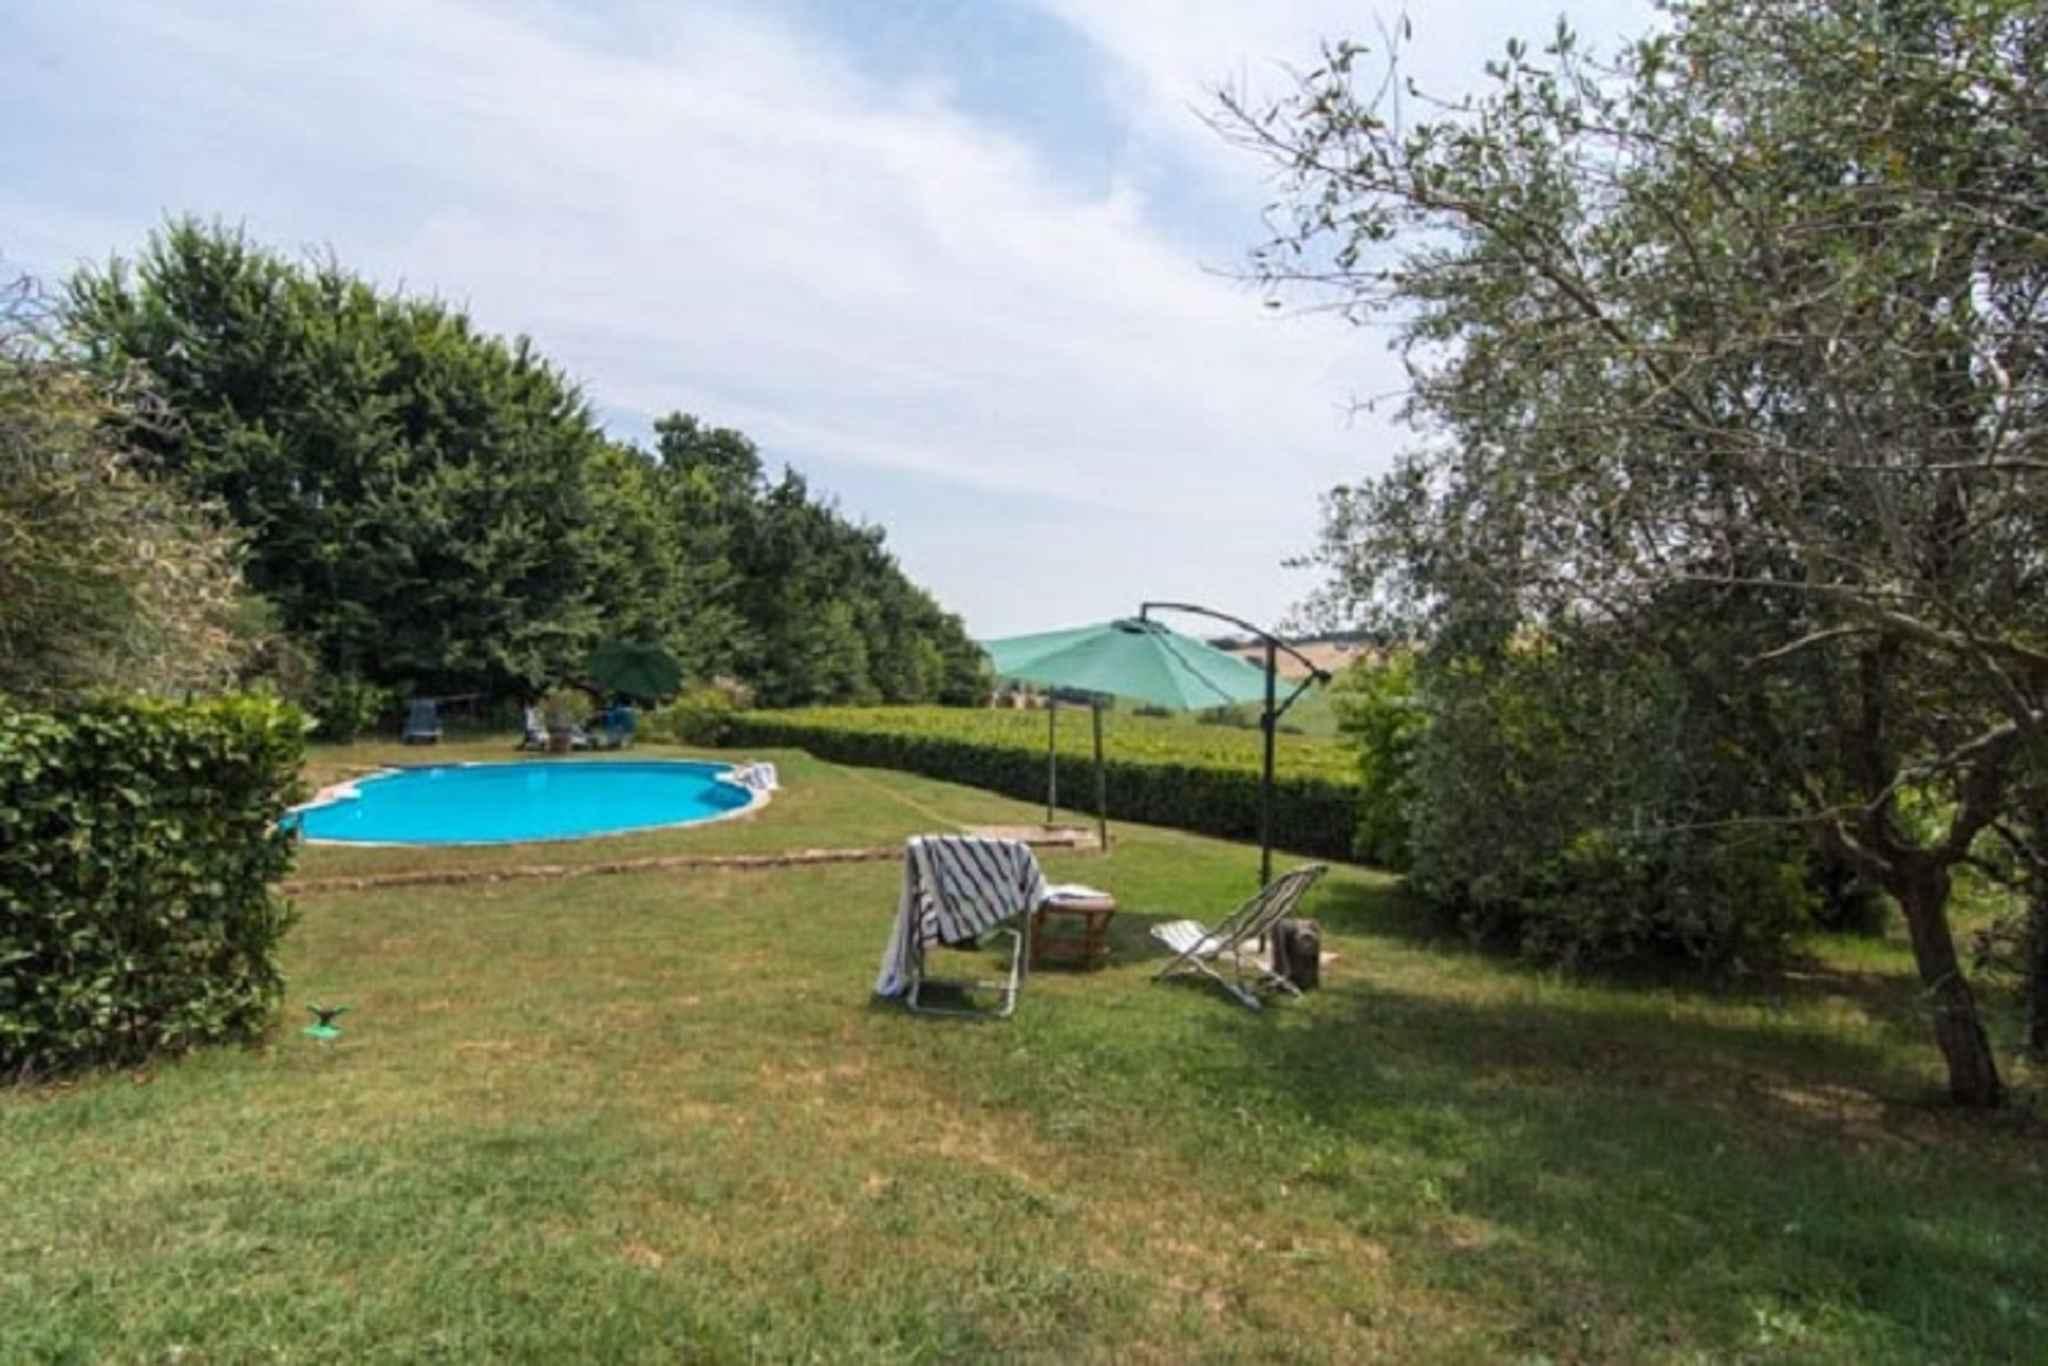 Ferienhaus per 15 persone con piscina (602147), Jesi, Ancona, Marken, Italien, Bild 8